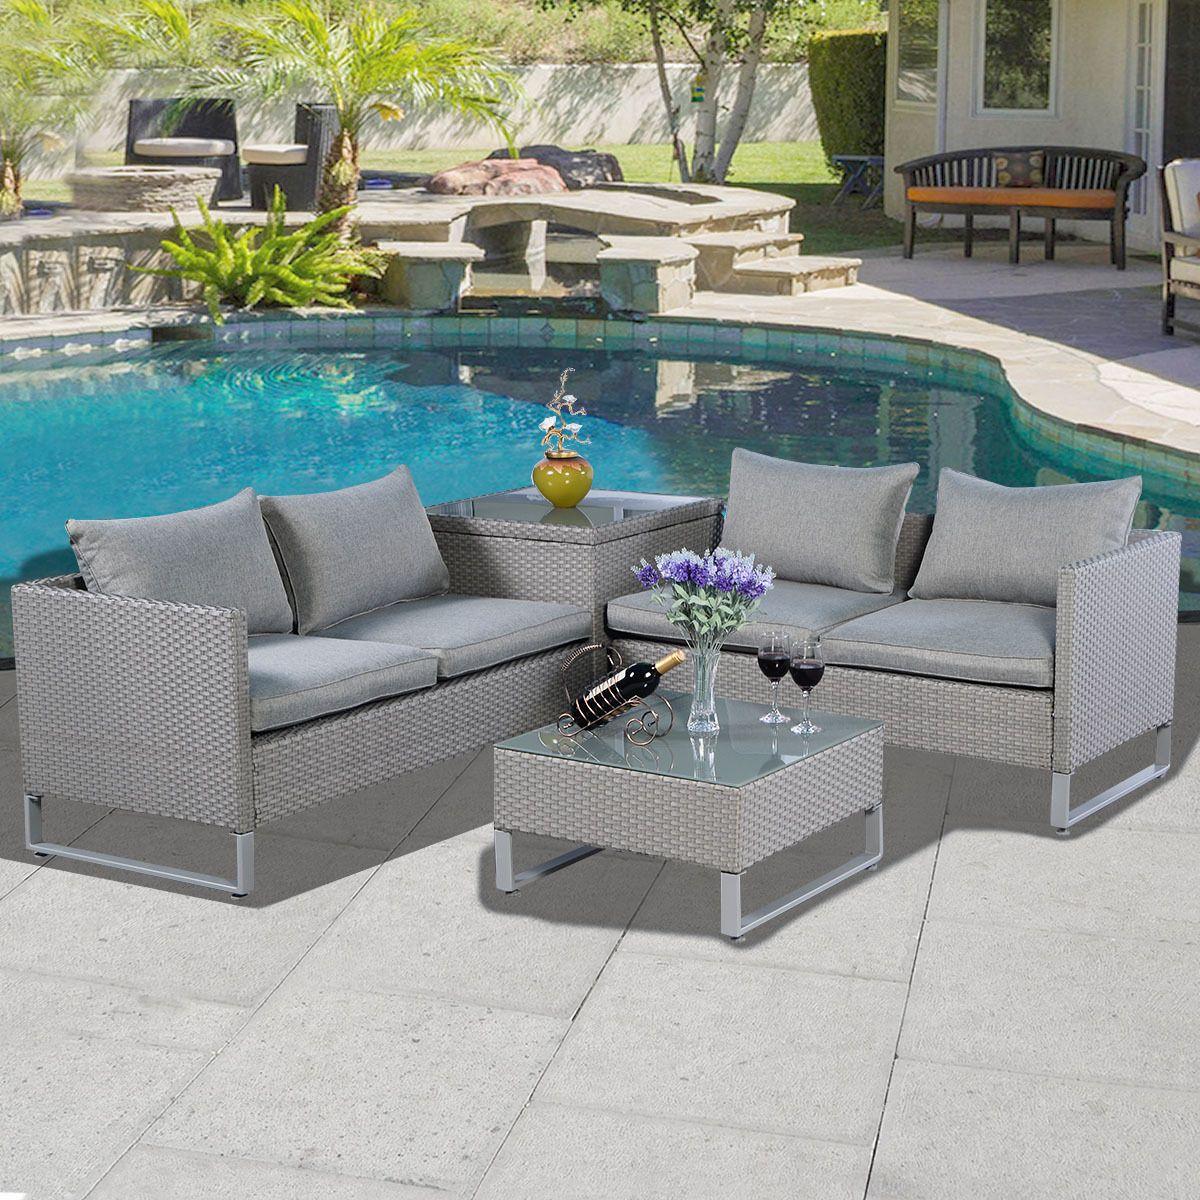 4 pcs Rattan Patio Sofa Cushioned Seat